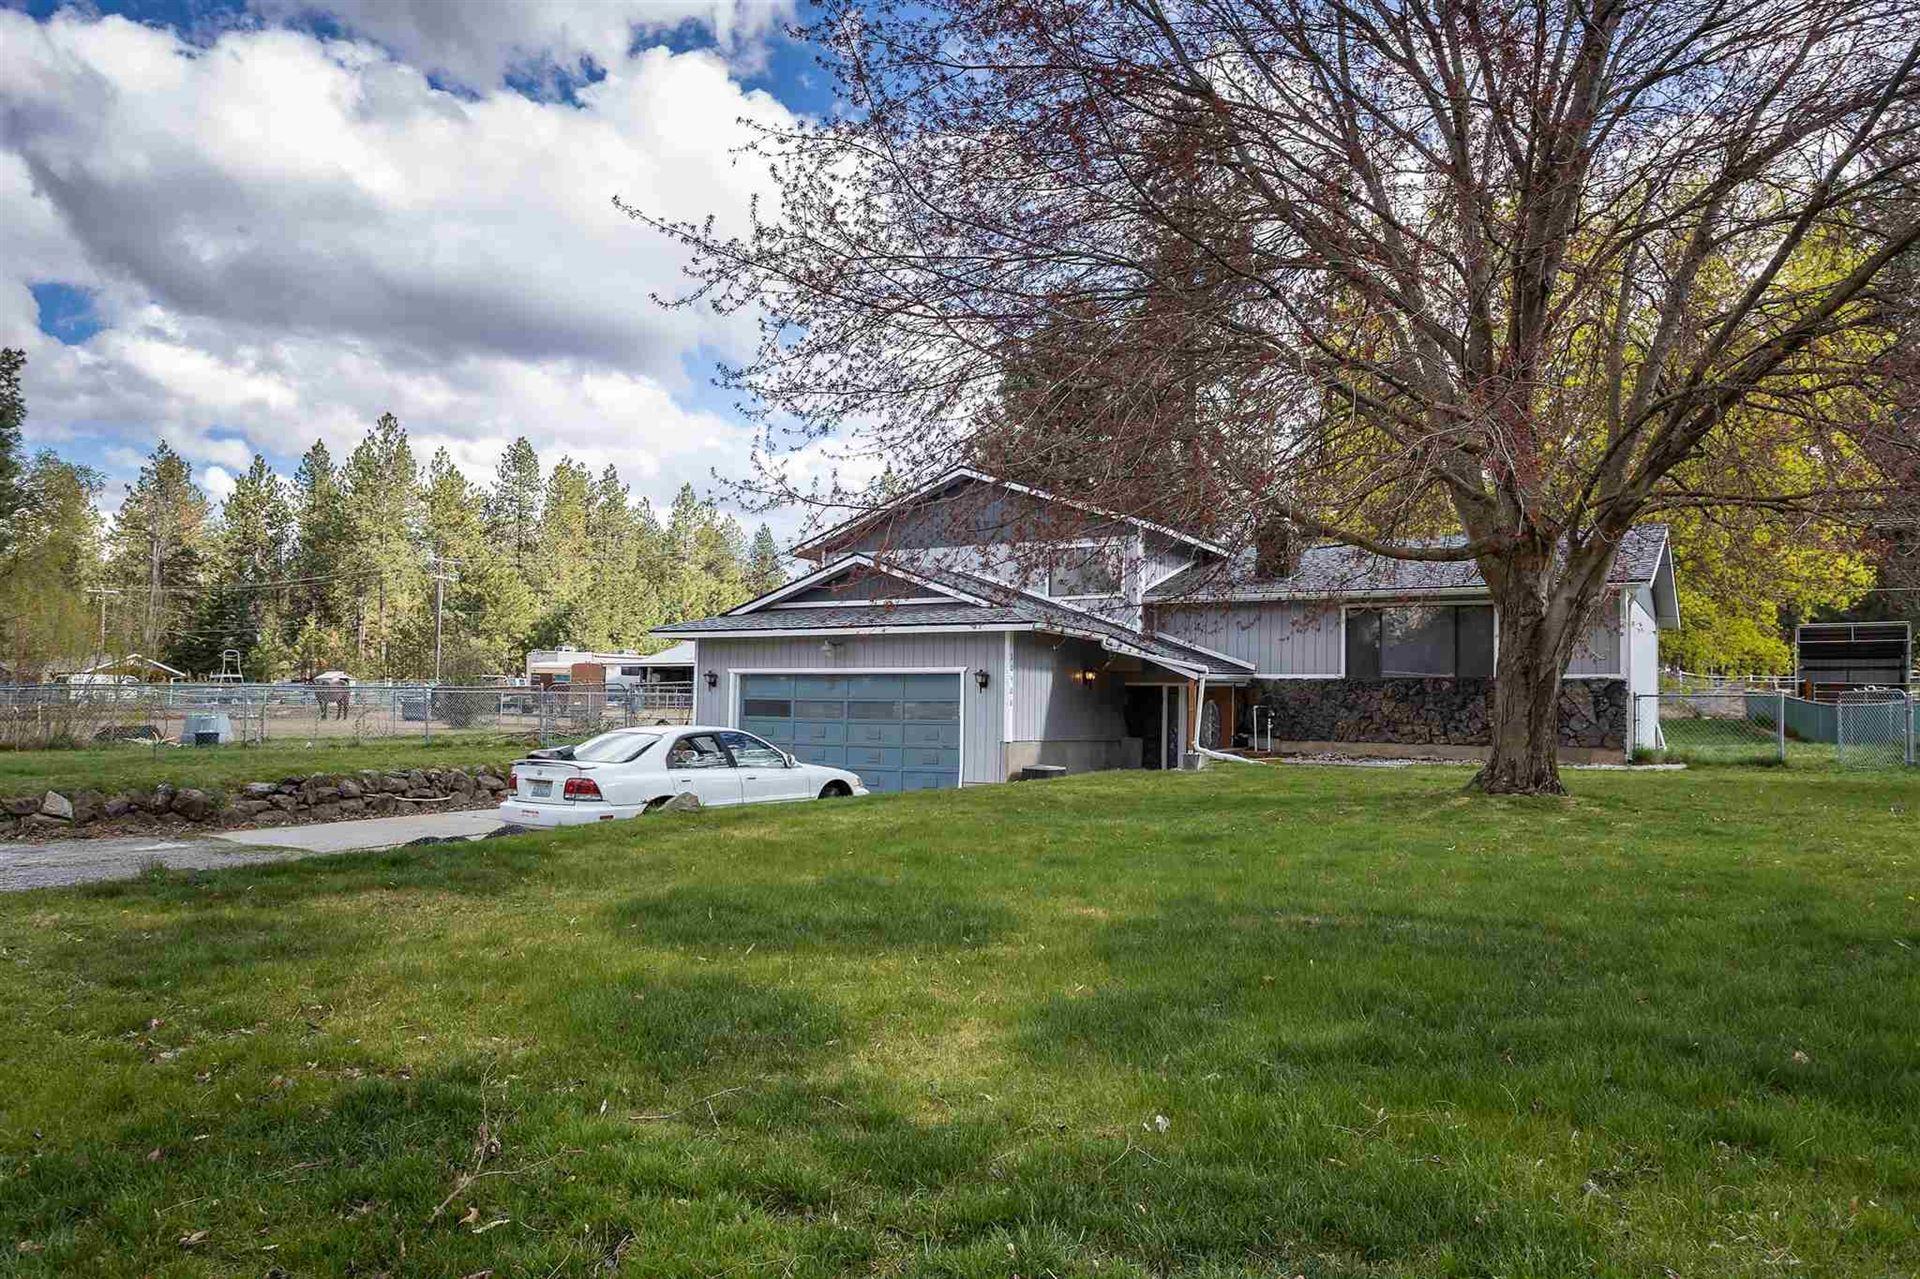 10506 E 43rd Ct, Spokane Valley, WA 99206 - #: 202114594